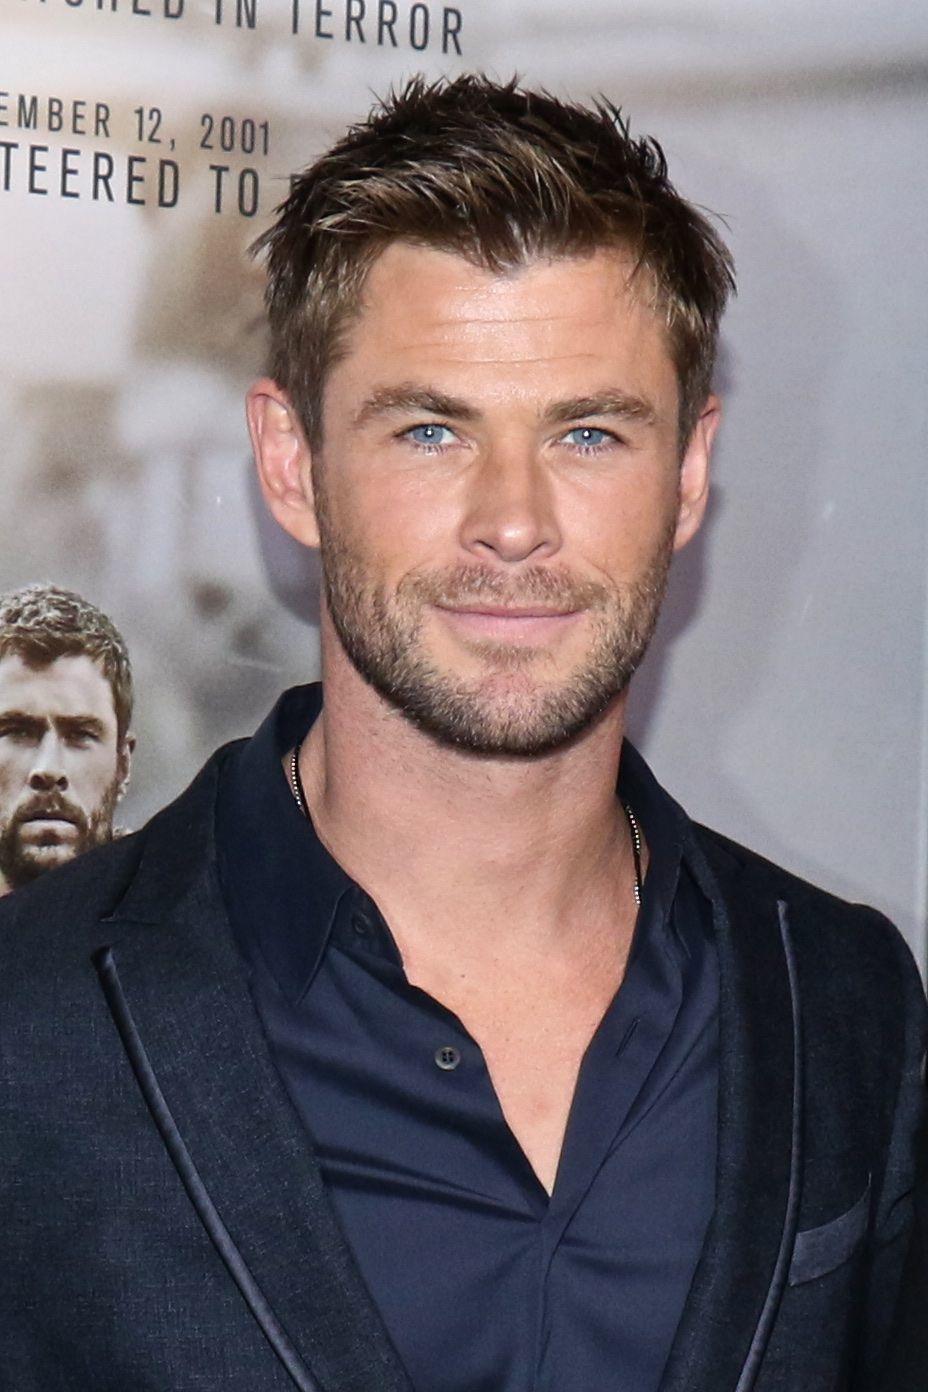 Coiffures pour le recul de la ligne des cheveux : Portrait de Chris Hemsworth, coiffé d'un costume de la marine, avec des pointes de cheveux coupées par l'équipage